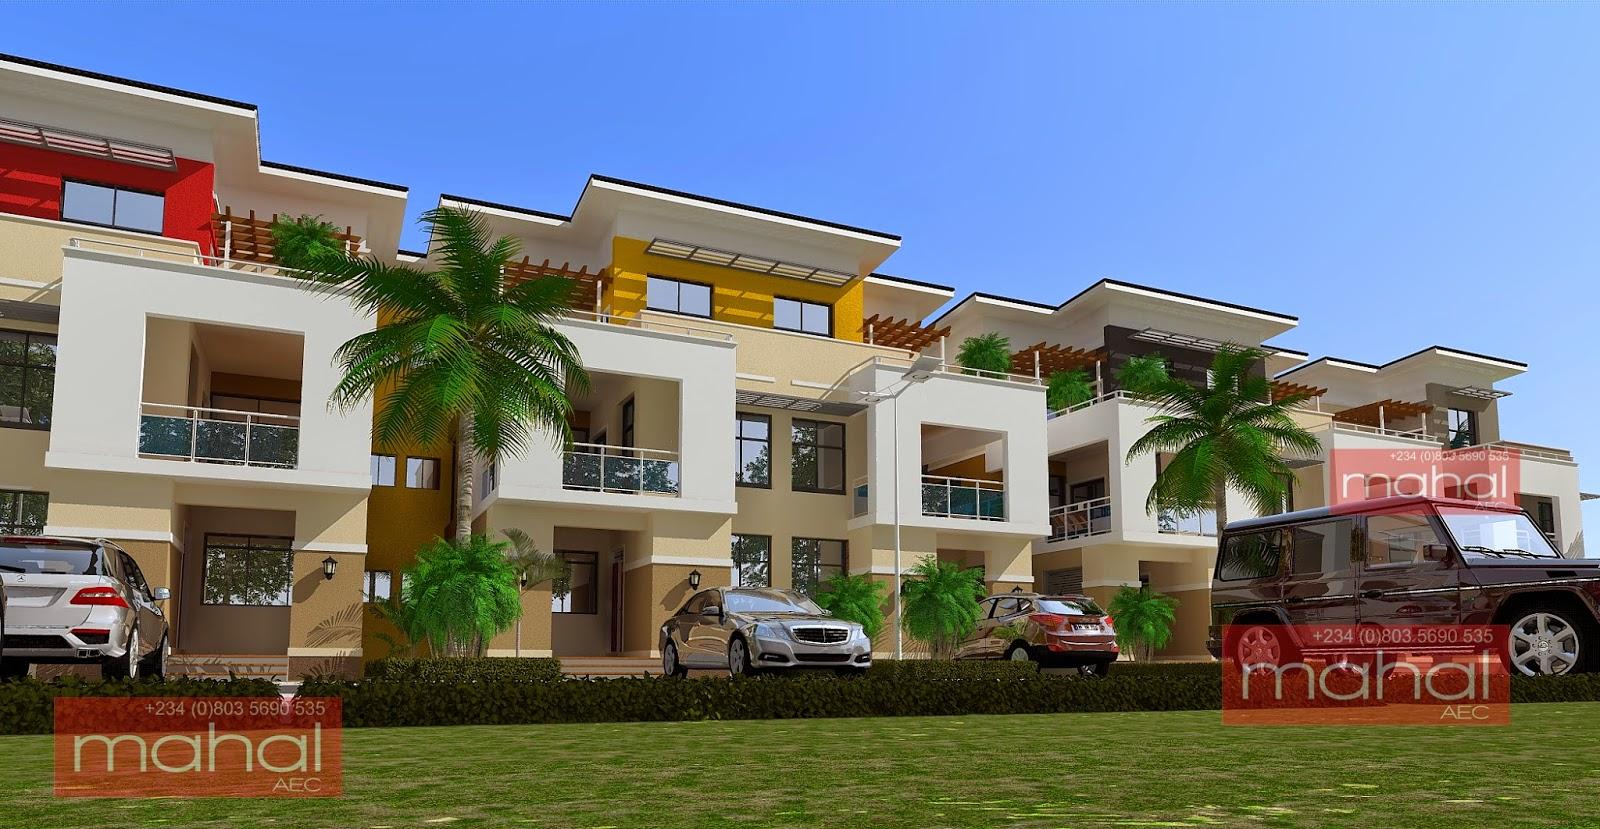 Musa katsina street house